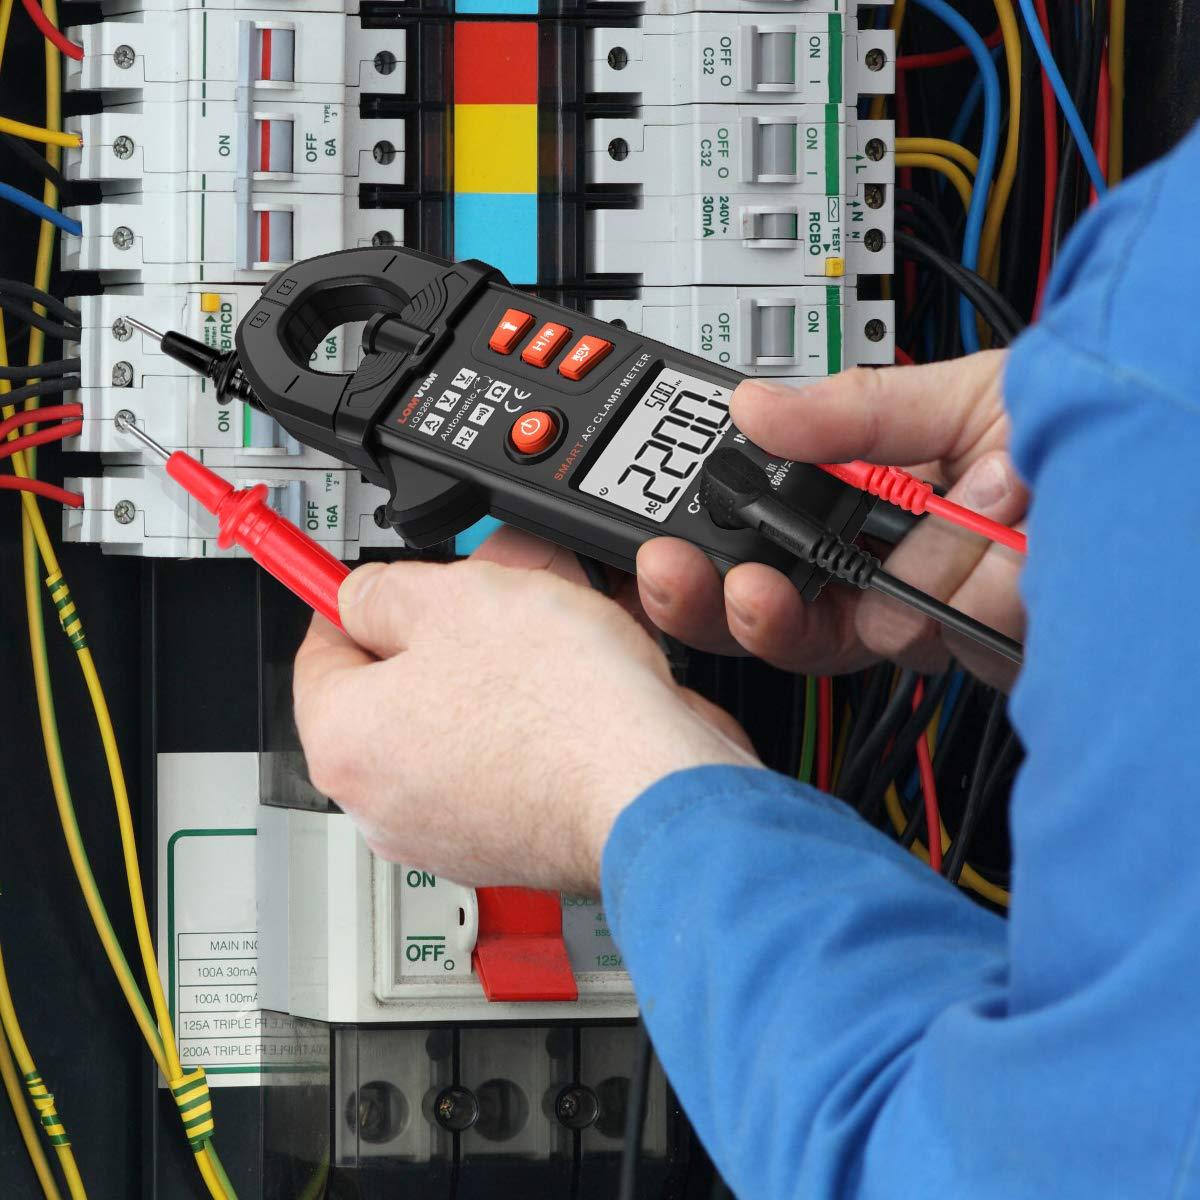 gamme automatique RMS 5999 compte pince multim/ètre Tension AC//DC Courant alternatif multi-testeurs de fr/équence avec fonction NCV r/ésistance LOMVUM Pince Amp/èrem/étrique Multim/ètre Num/érique